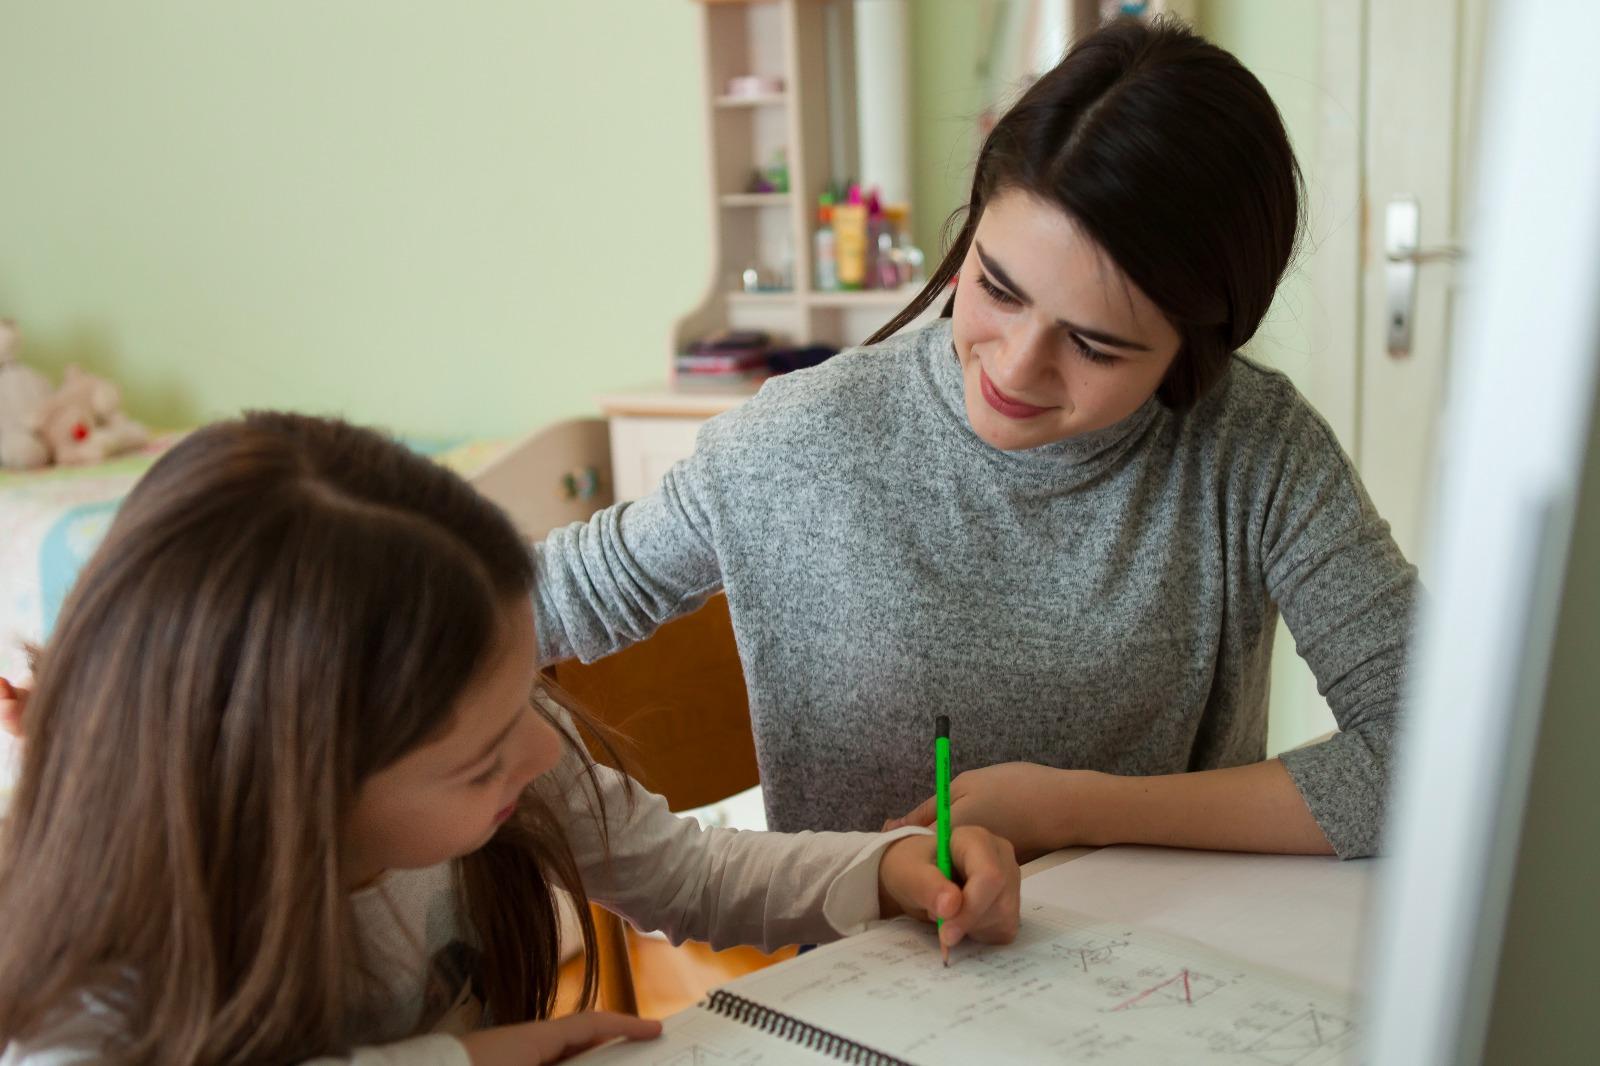 Yabancı Dil Öğrenmek Çocuğa Ne Gibi Faydalar Sağlar?